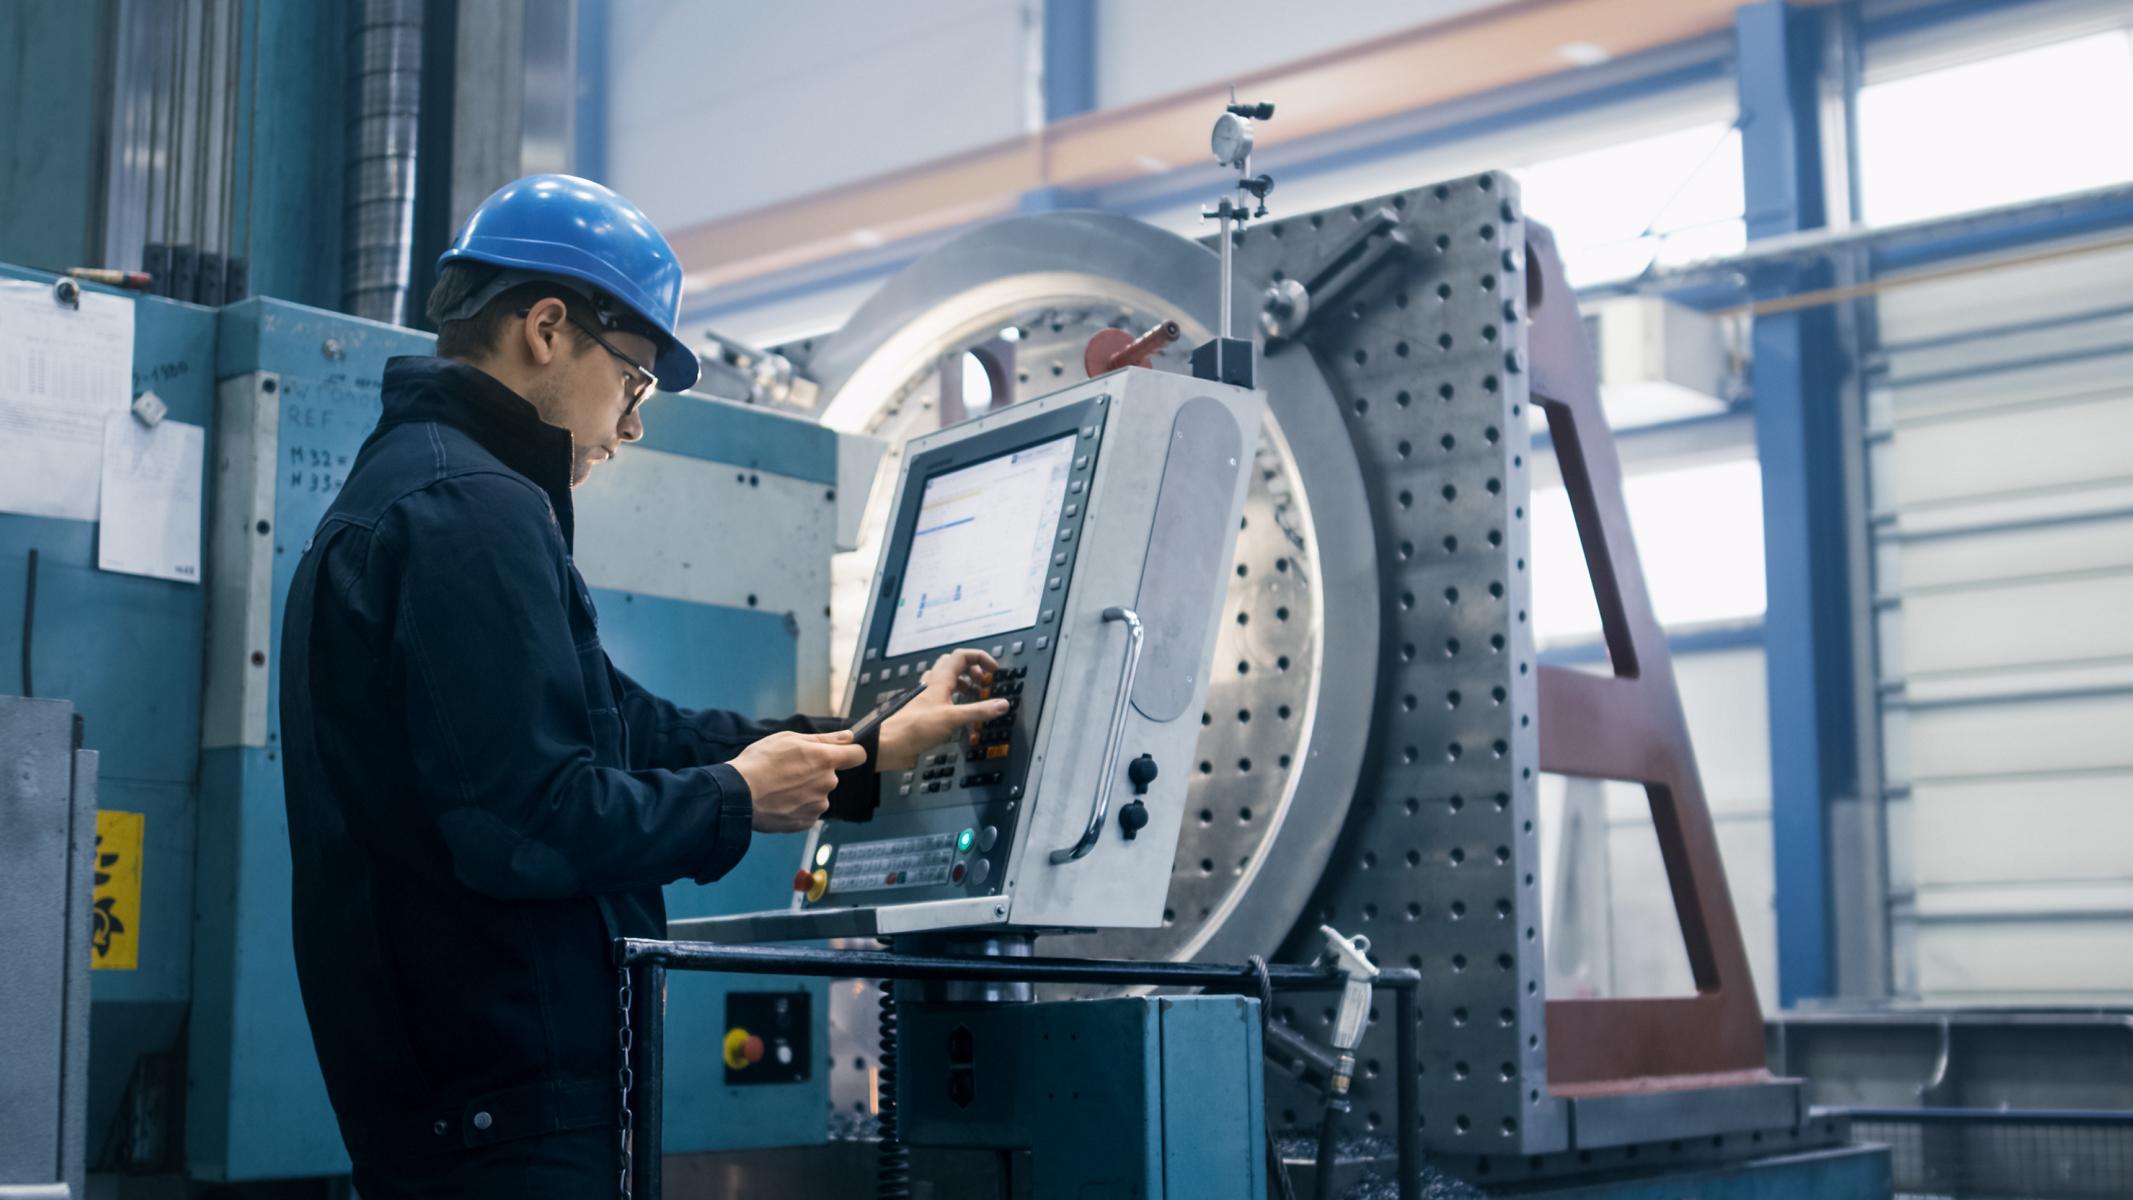 Industri 4.0, Ein Arbeiter in einer Fabrik nutzt ein Tablet